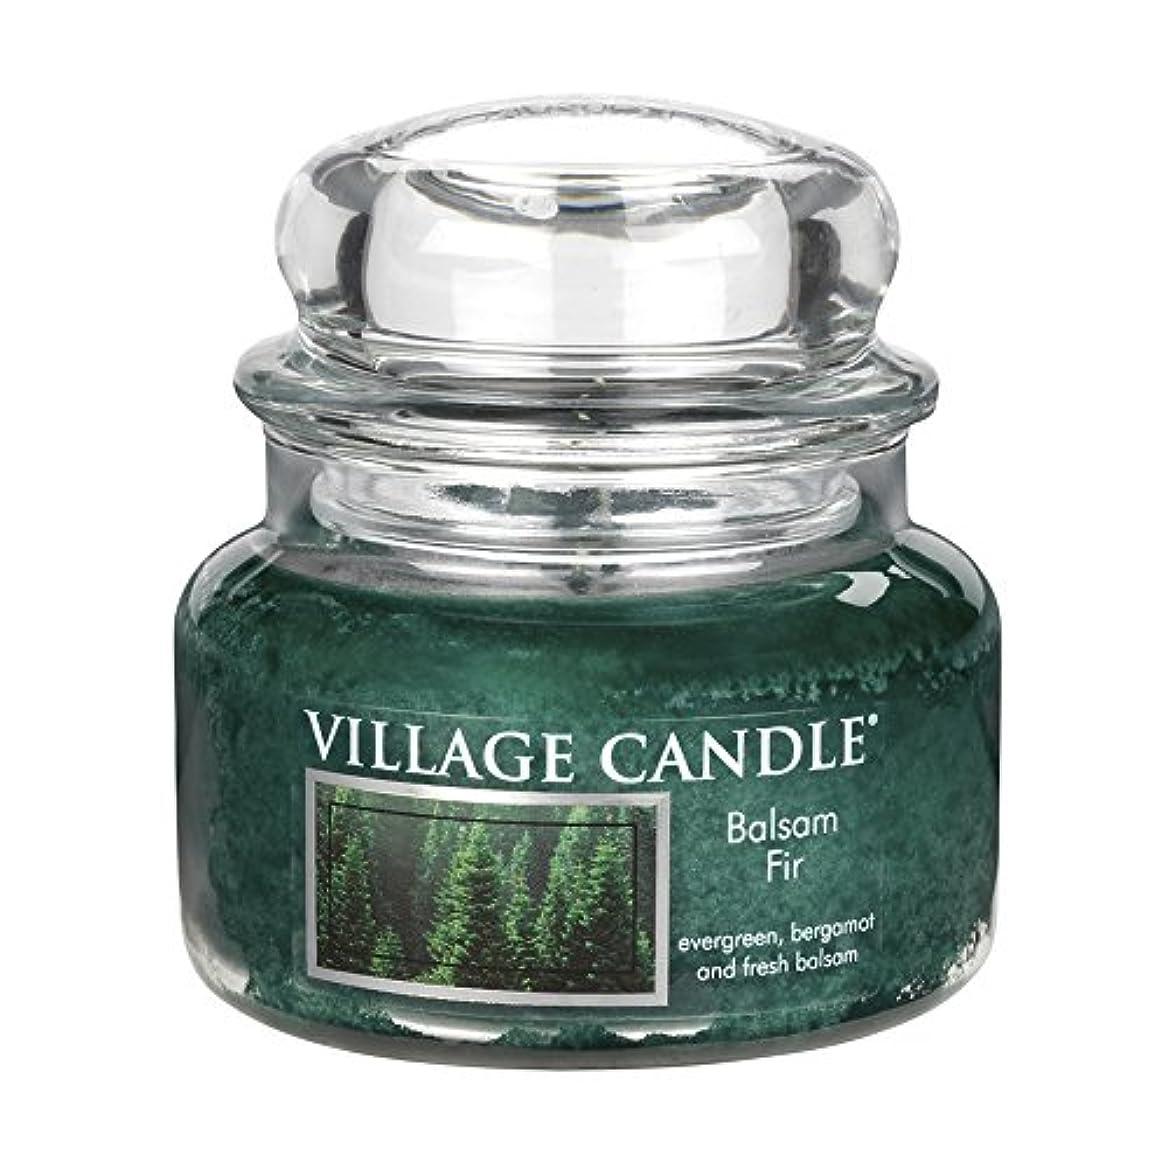 夕方印をつけるダッシュ(Small (330ml)) - Village Candle Balsam Fir 330ml Glass Jar Scented Candle, Small